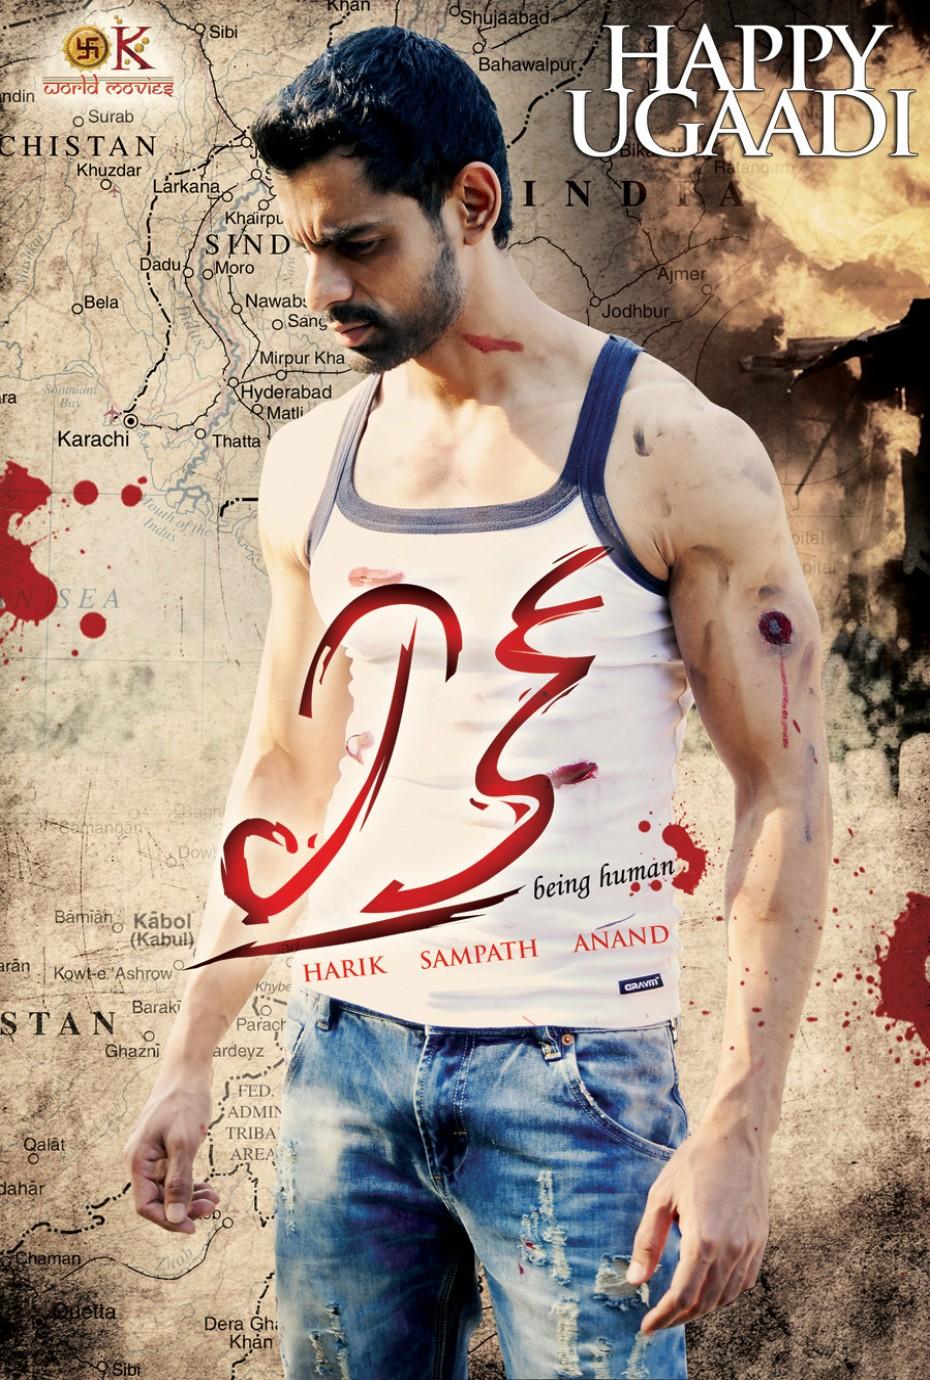 Ek Telugu Movie Review